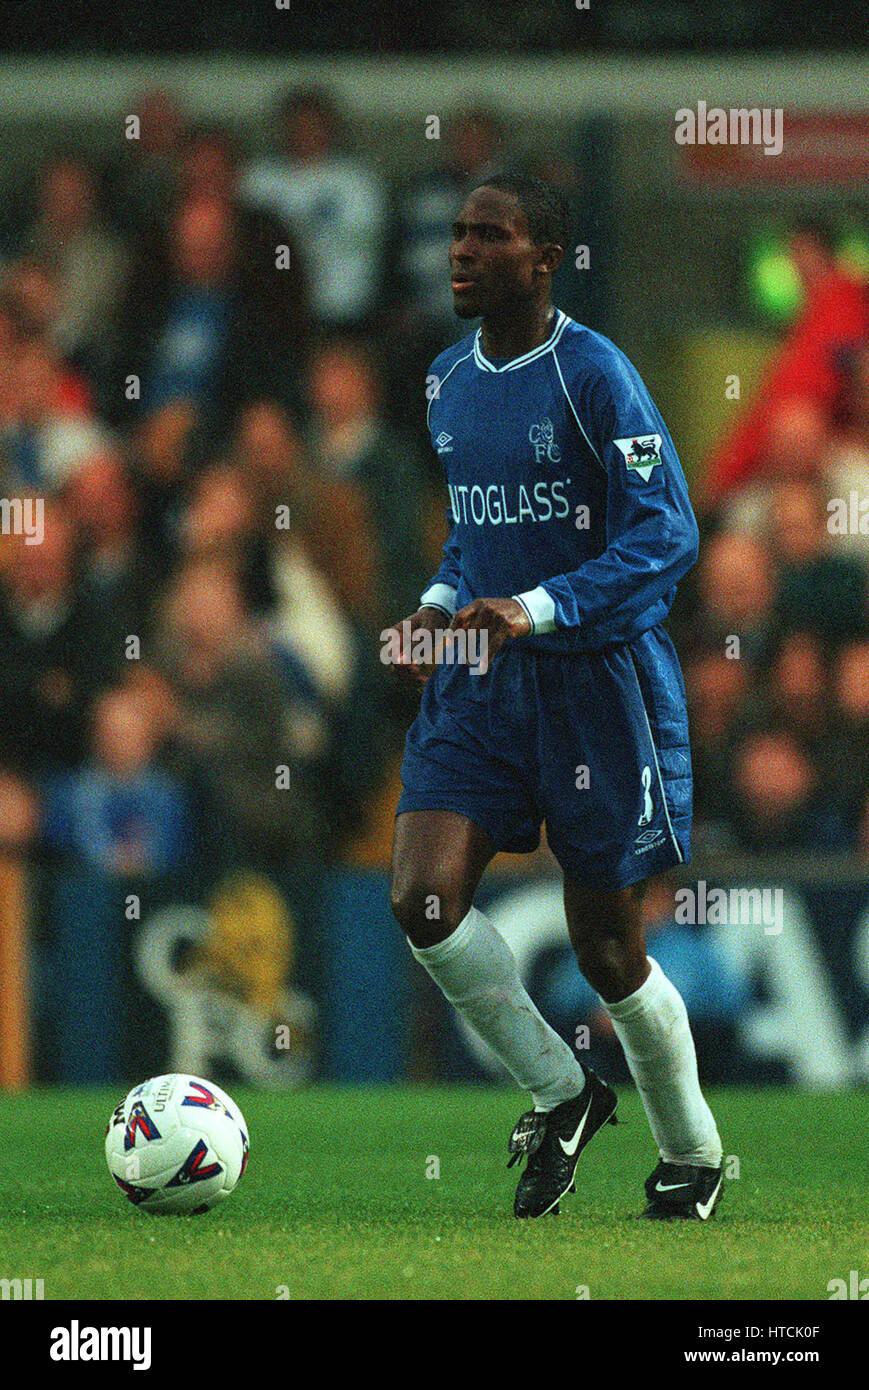 CELESTINE BABAYARO CHELSEA FC 23 October 1999 - Stock Image